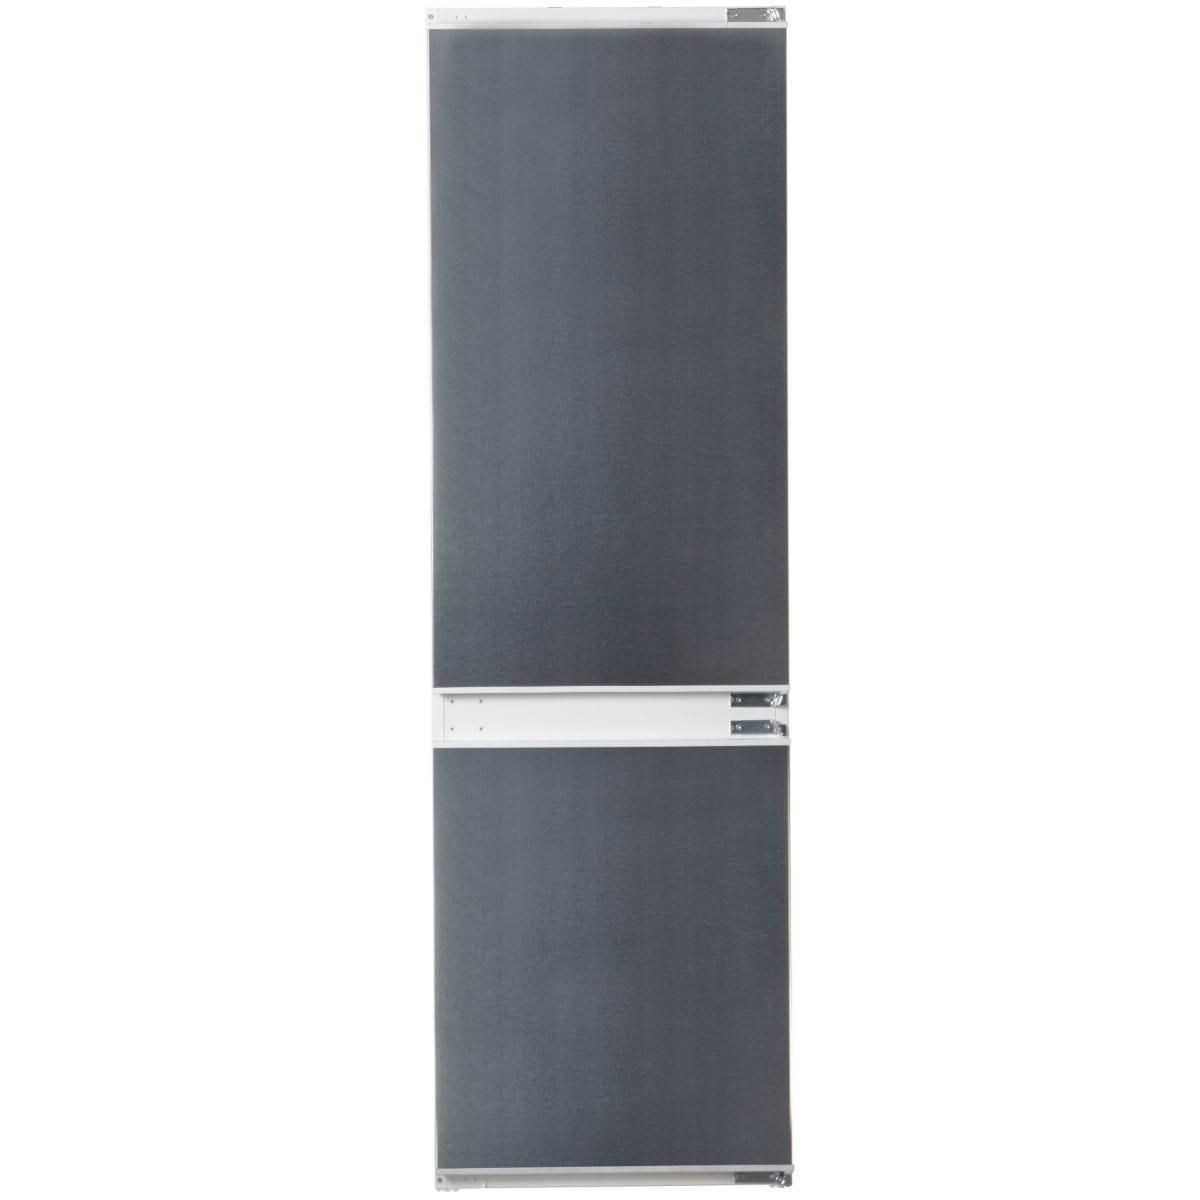 Réfrigérateur congélateur en bas encastrable Bosch KIV34V21FF